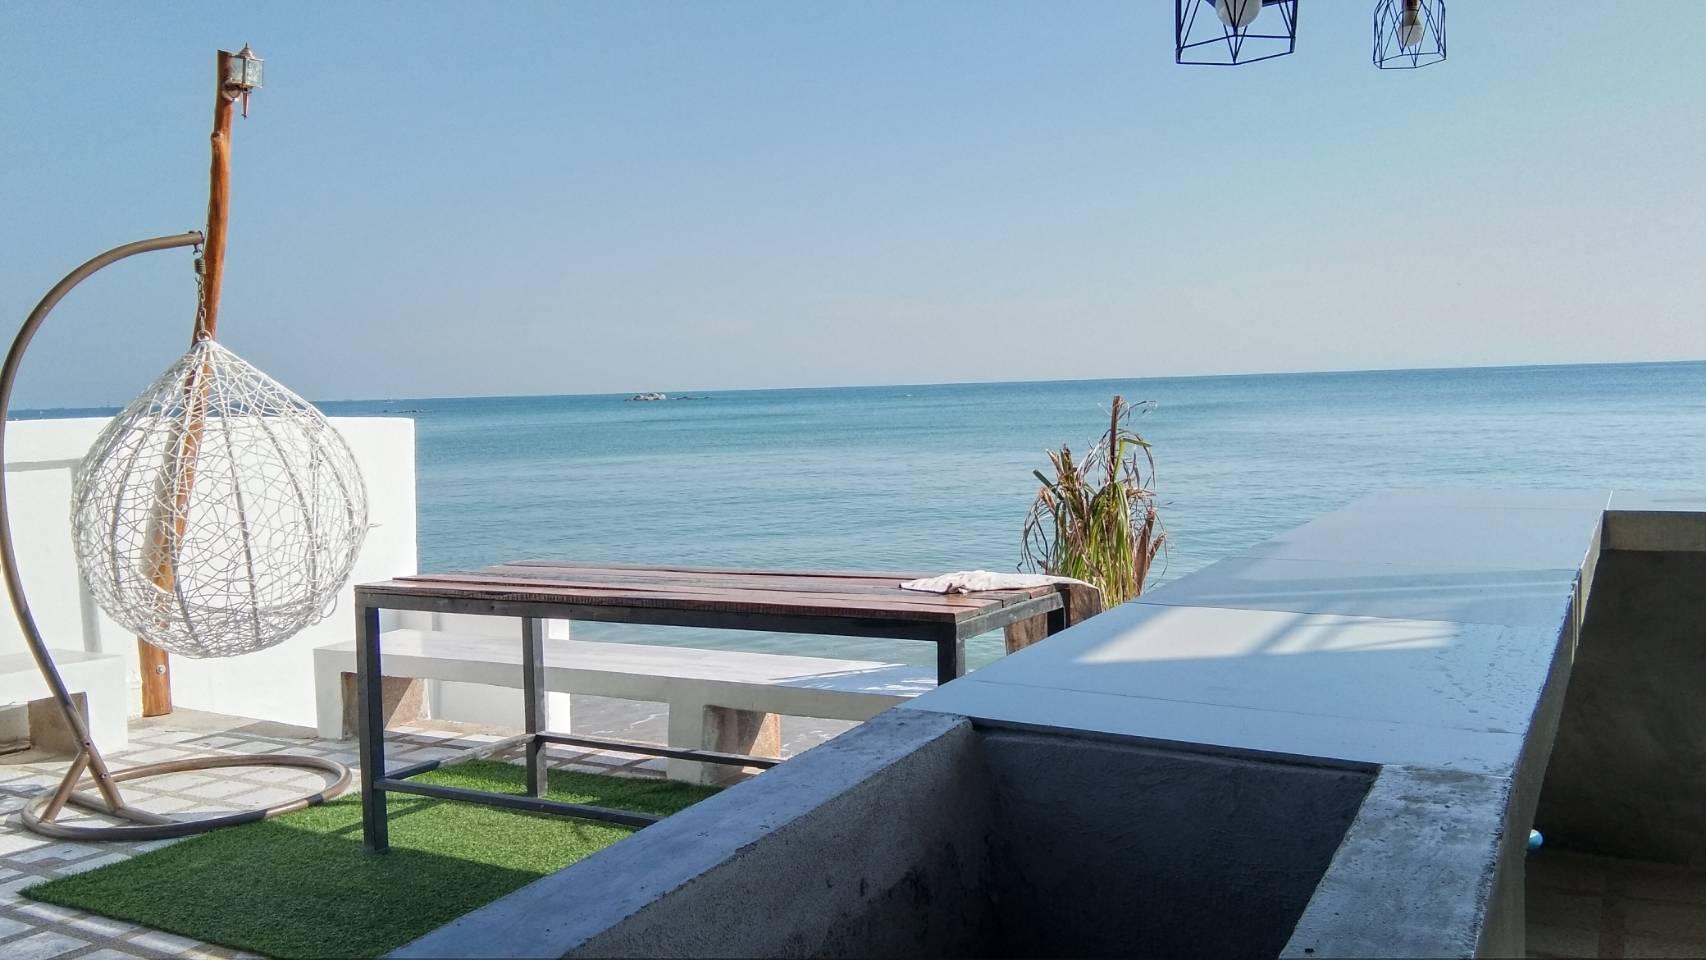 Beach House@Banchang By Xanadu สตูดิโอ บ้านเดี่ยว 3 ห้องน้ำส่วนตัว ขนาด 160 ตร.ม. – หาดระยอง